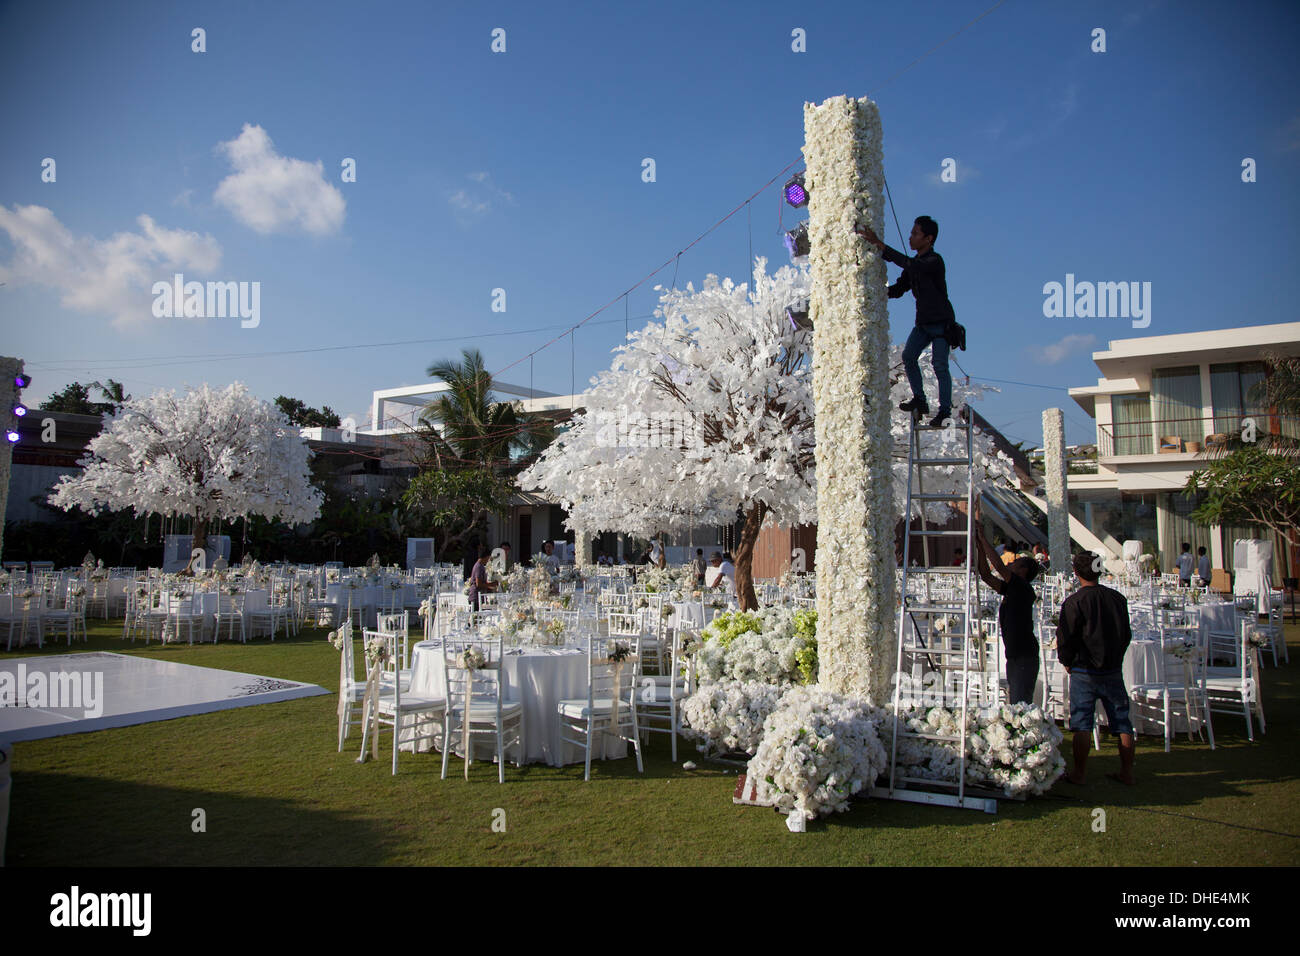 Hochzeit Dekoration Empfang Bali Indonesien Weiss Arbeiten Arbeiten